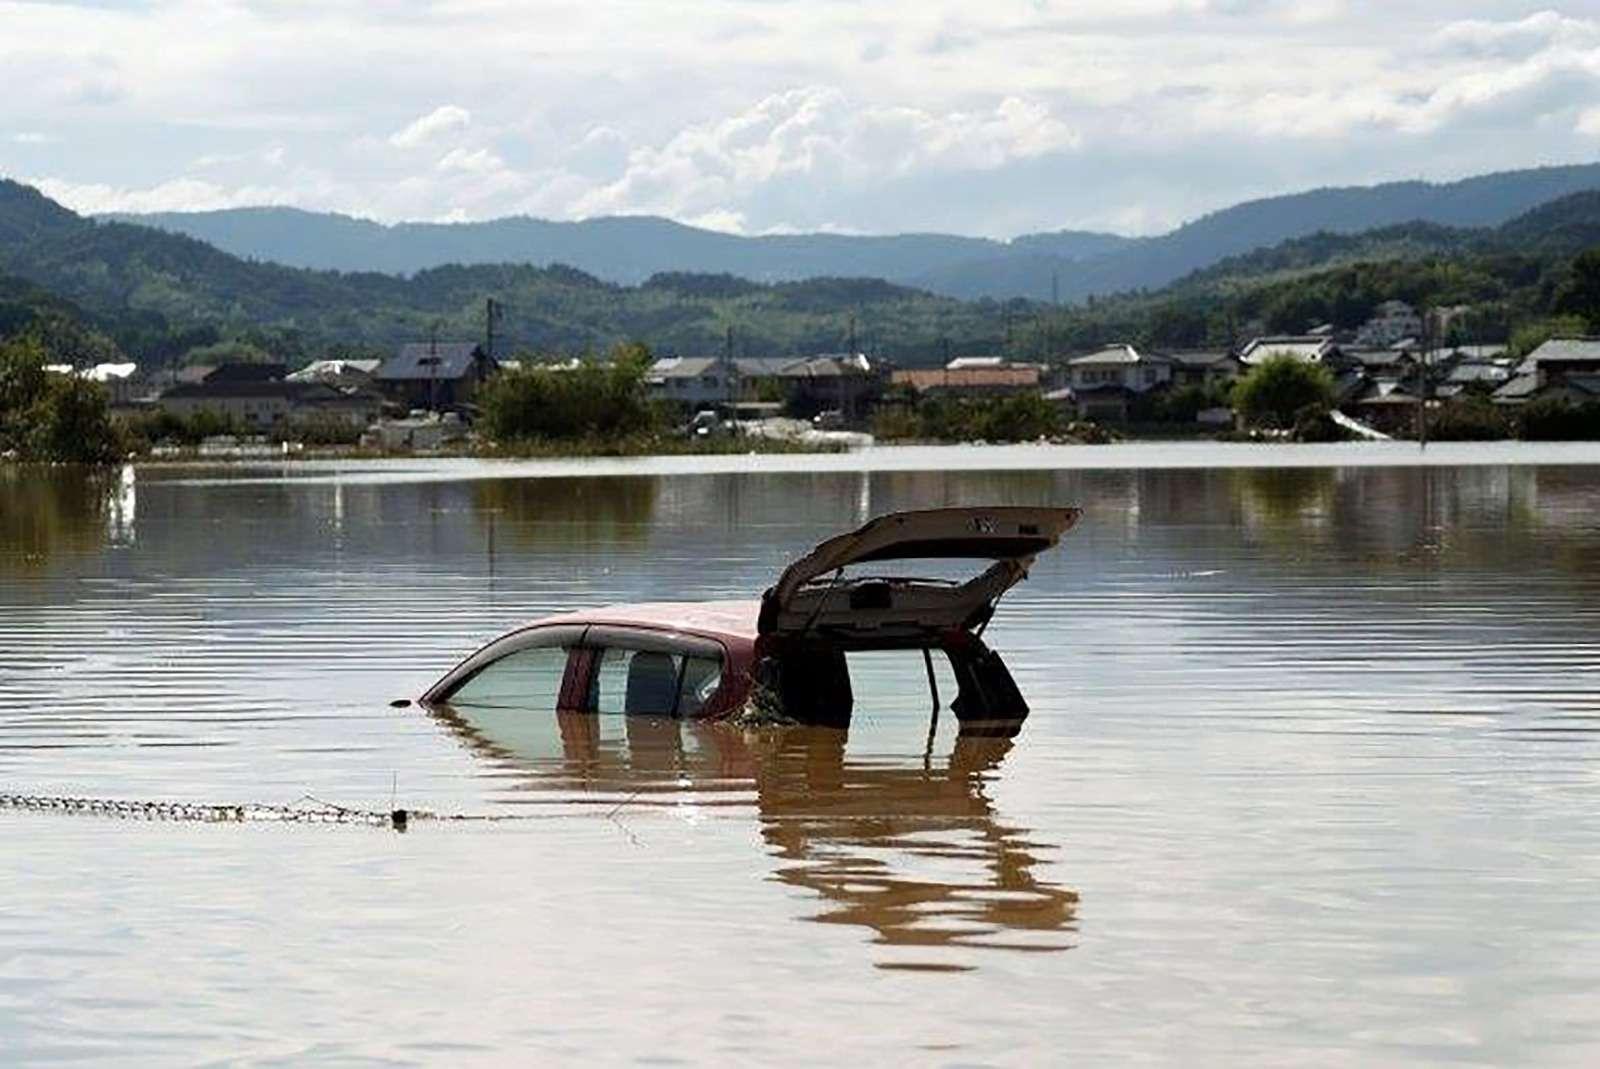 Наводнение вЯпонии: тысячи утопленных машин. Ждем ихвРоссии?— фото 886649